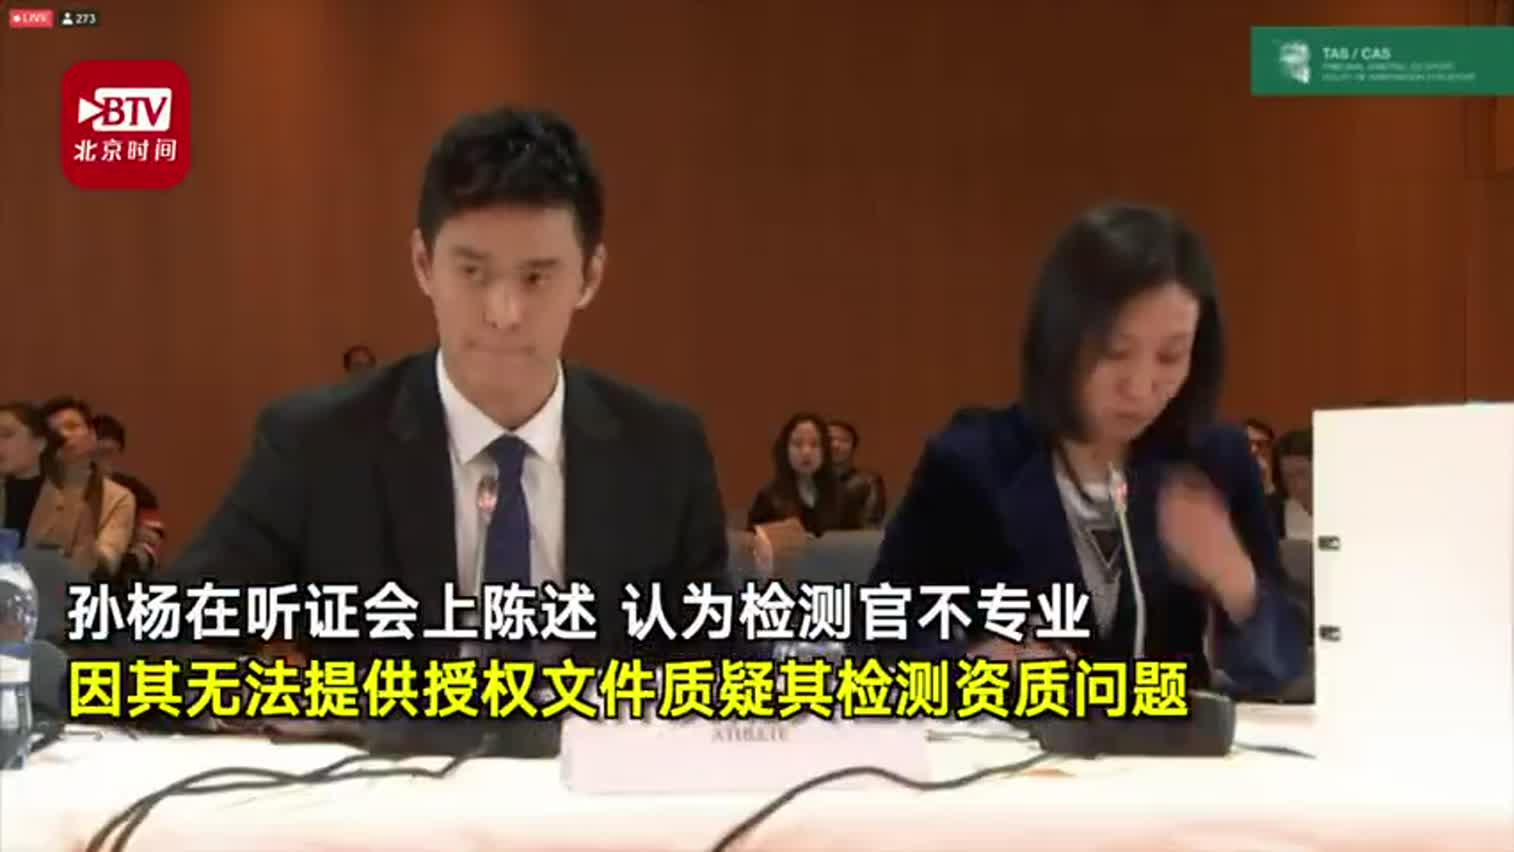 视频-100秒回顾孙杨公开听证会 历时10小时